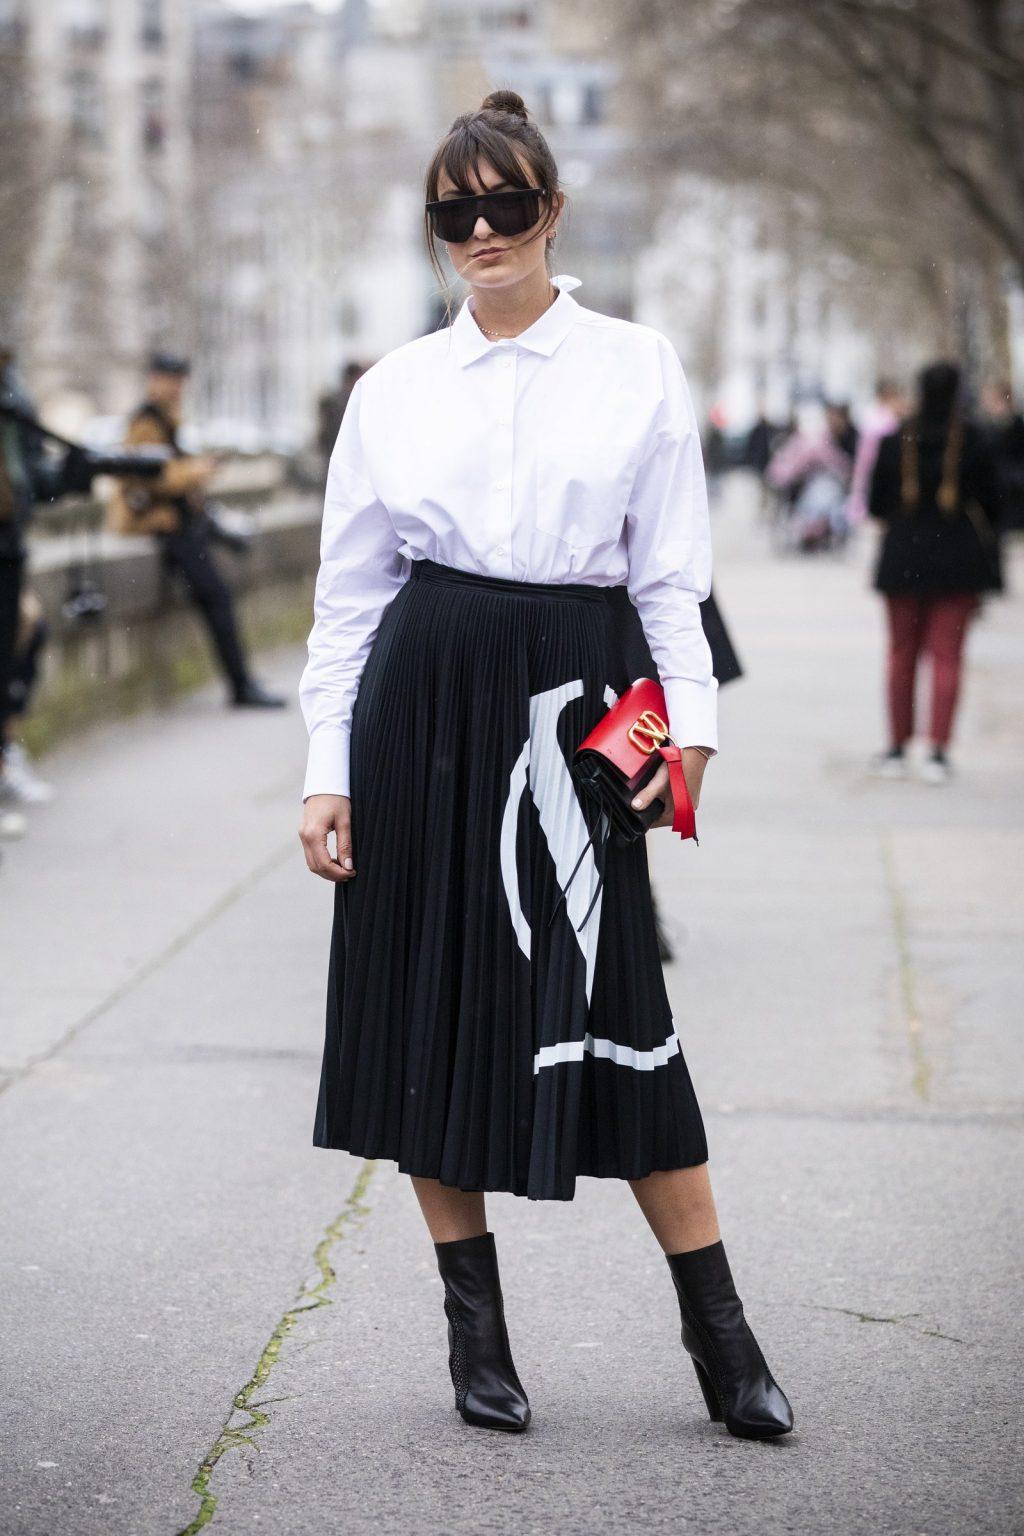 fashionista mặc áo sơmi trắng và chân váy đen valentino